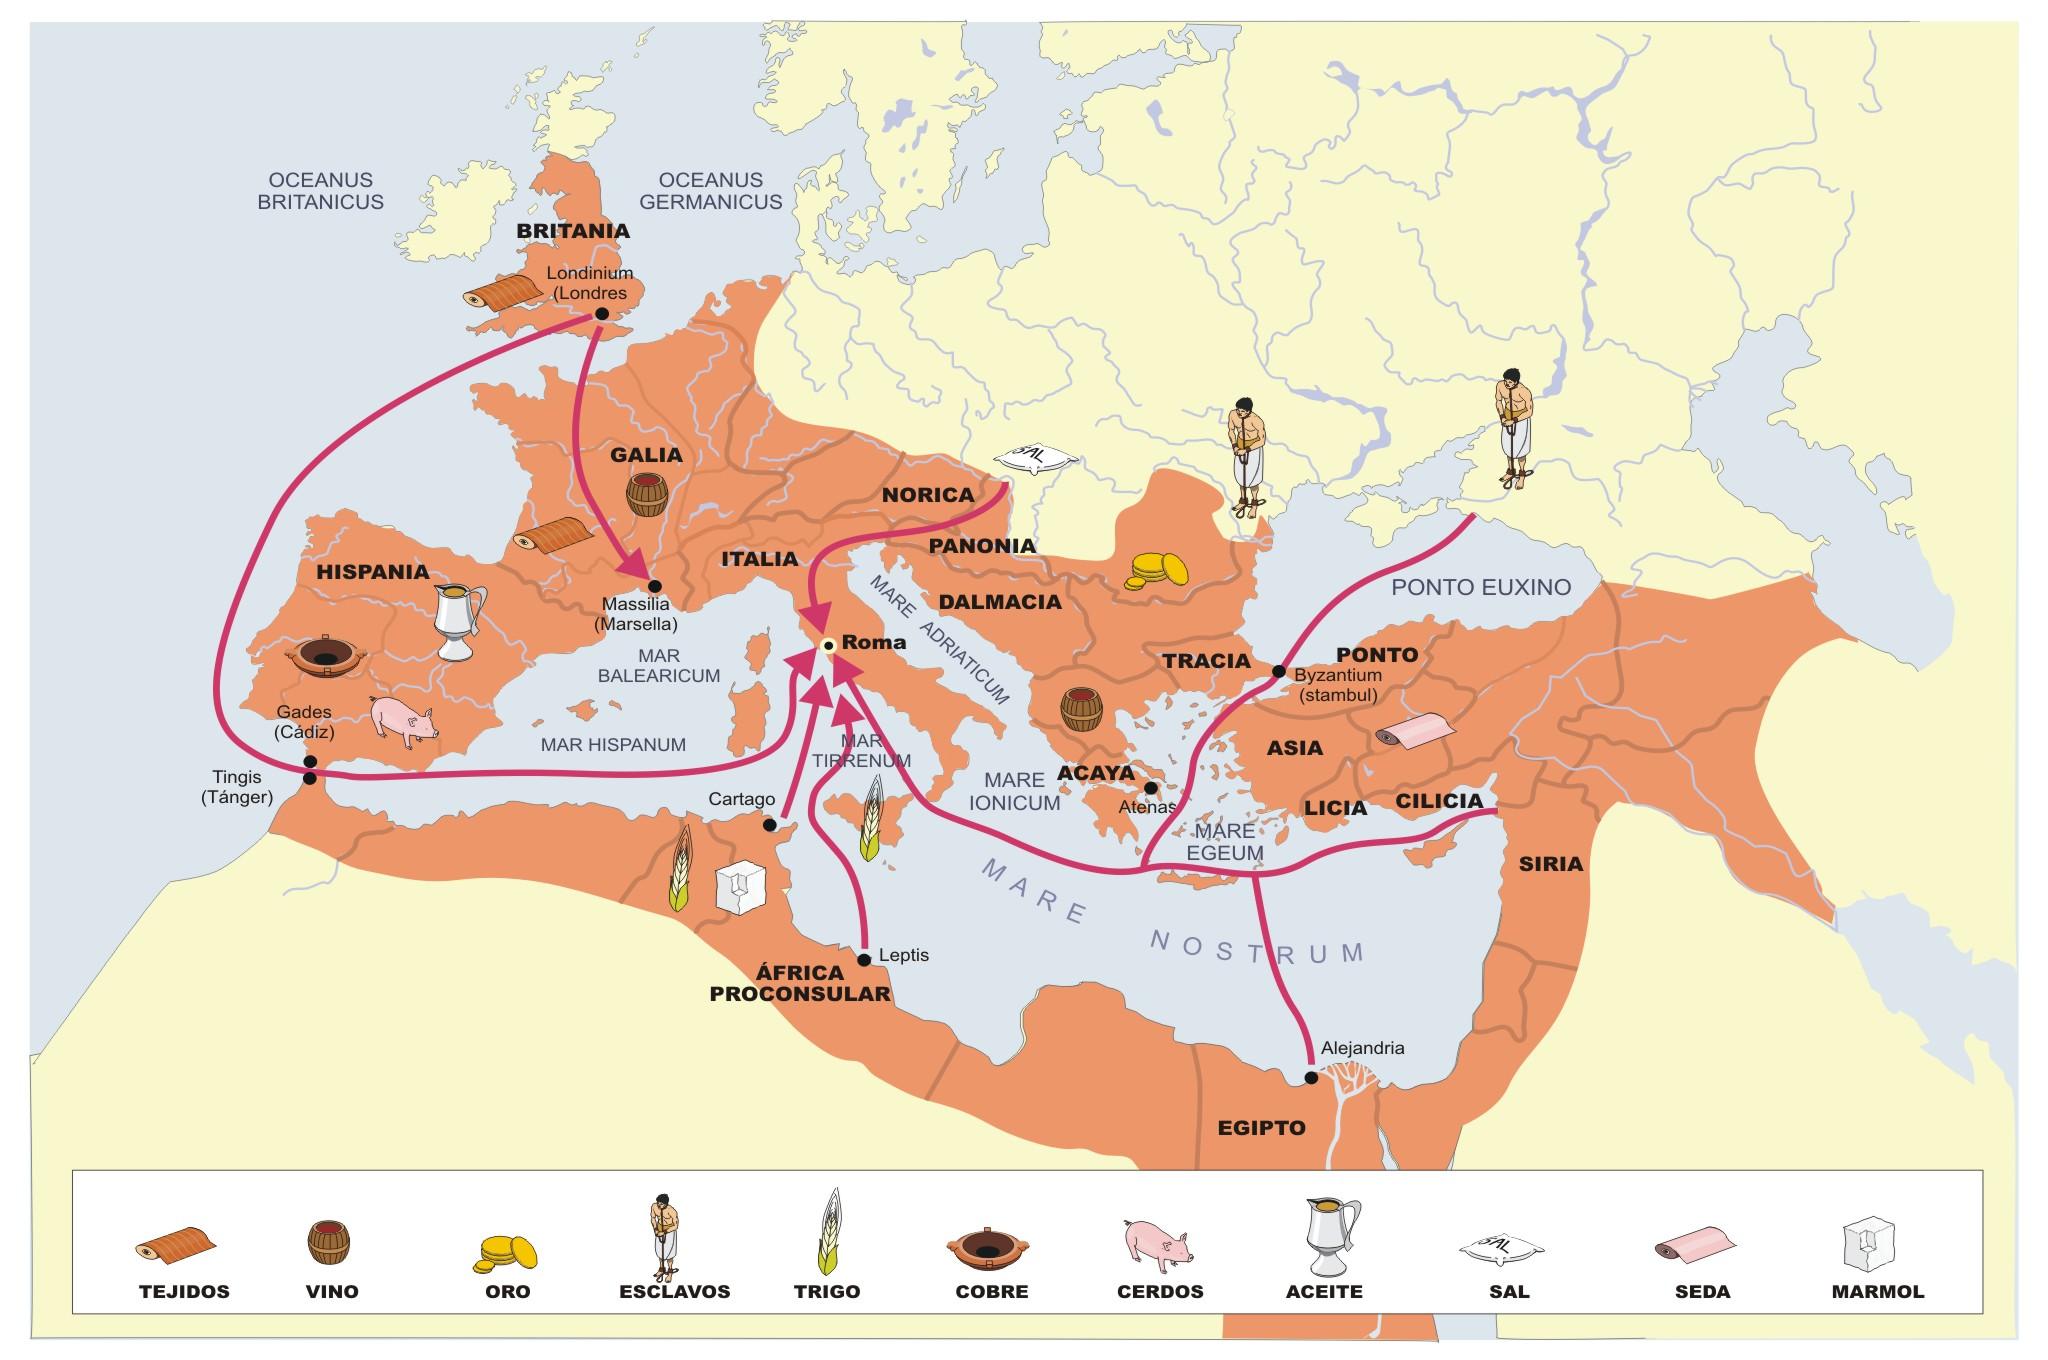 BIOMBO HISTÓRICO: EL COMERCIO MARÍTIMO EN EL IMPERIO ROMANO